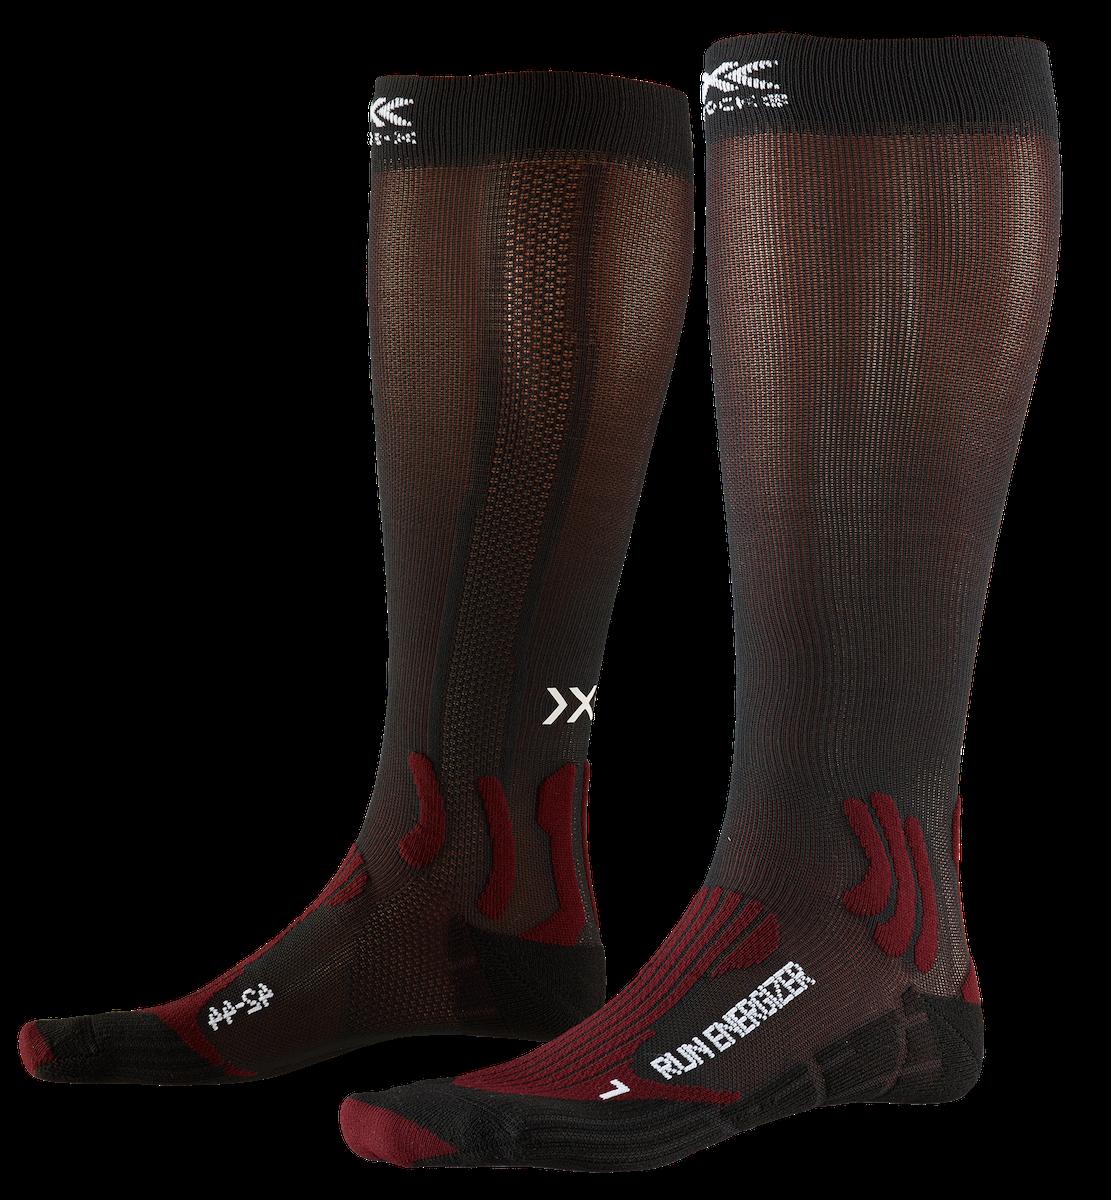 X-Socks Run Energizer - Running socks